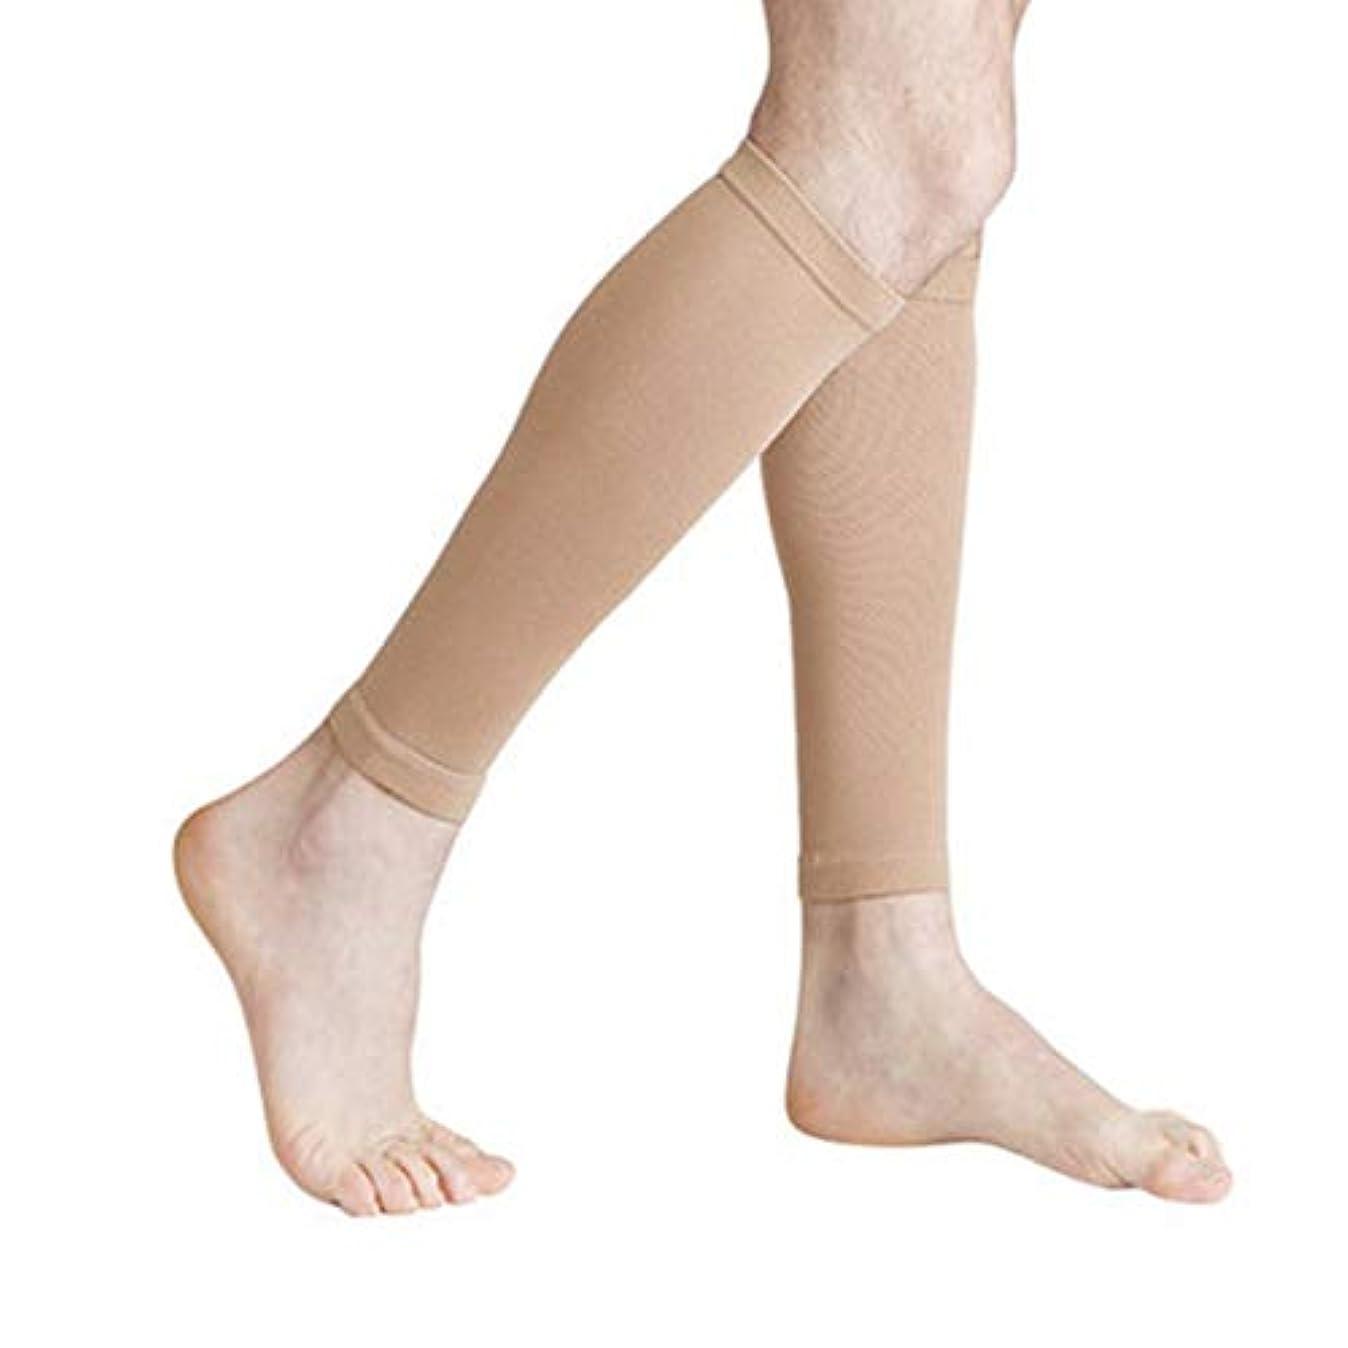 主張重要なバーター丈夫な男性女性プロの圧縮靴下通気性のある旅行活動看護師用シントスプリントフライトトラベル - 肌色